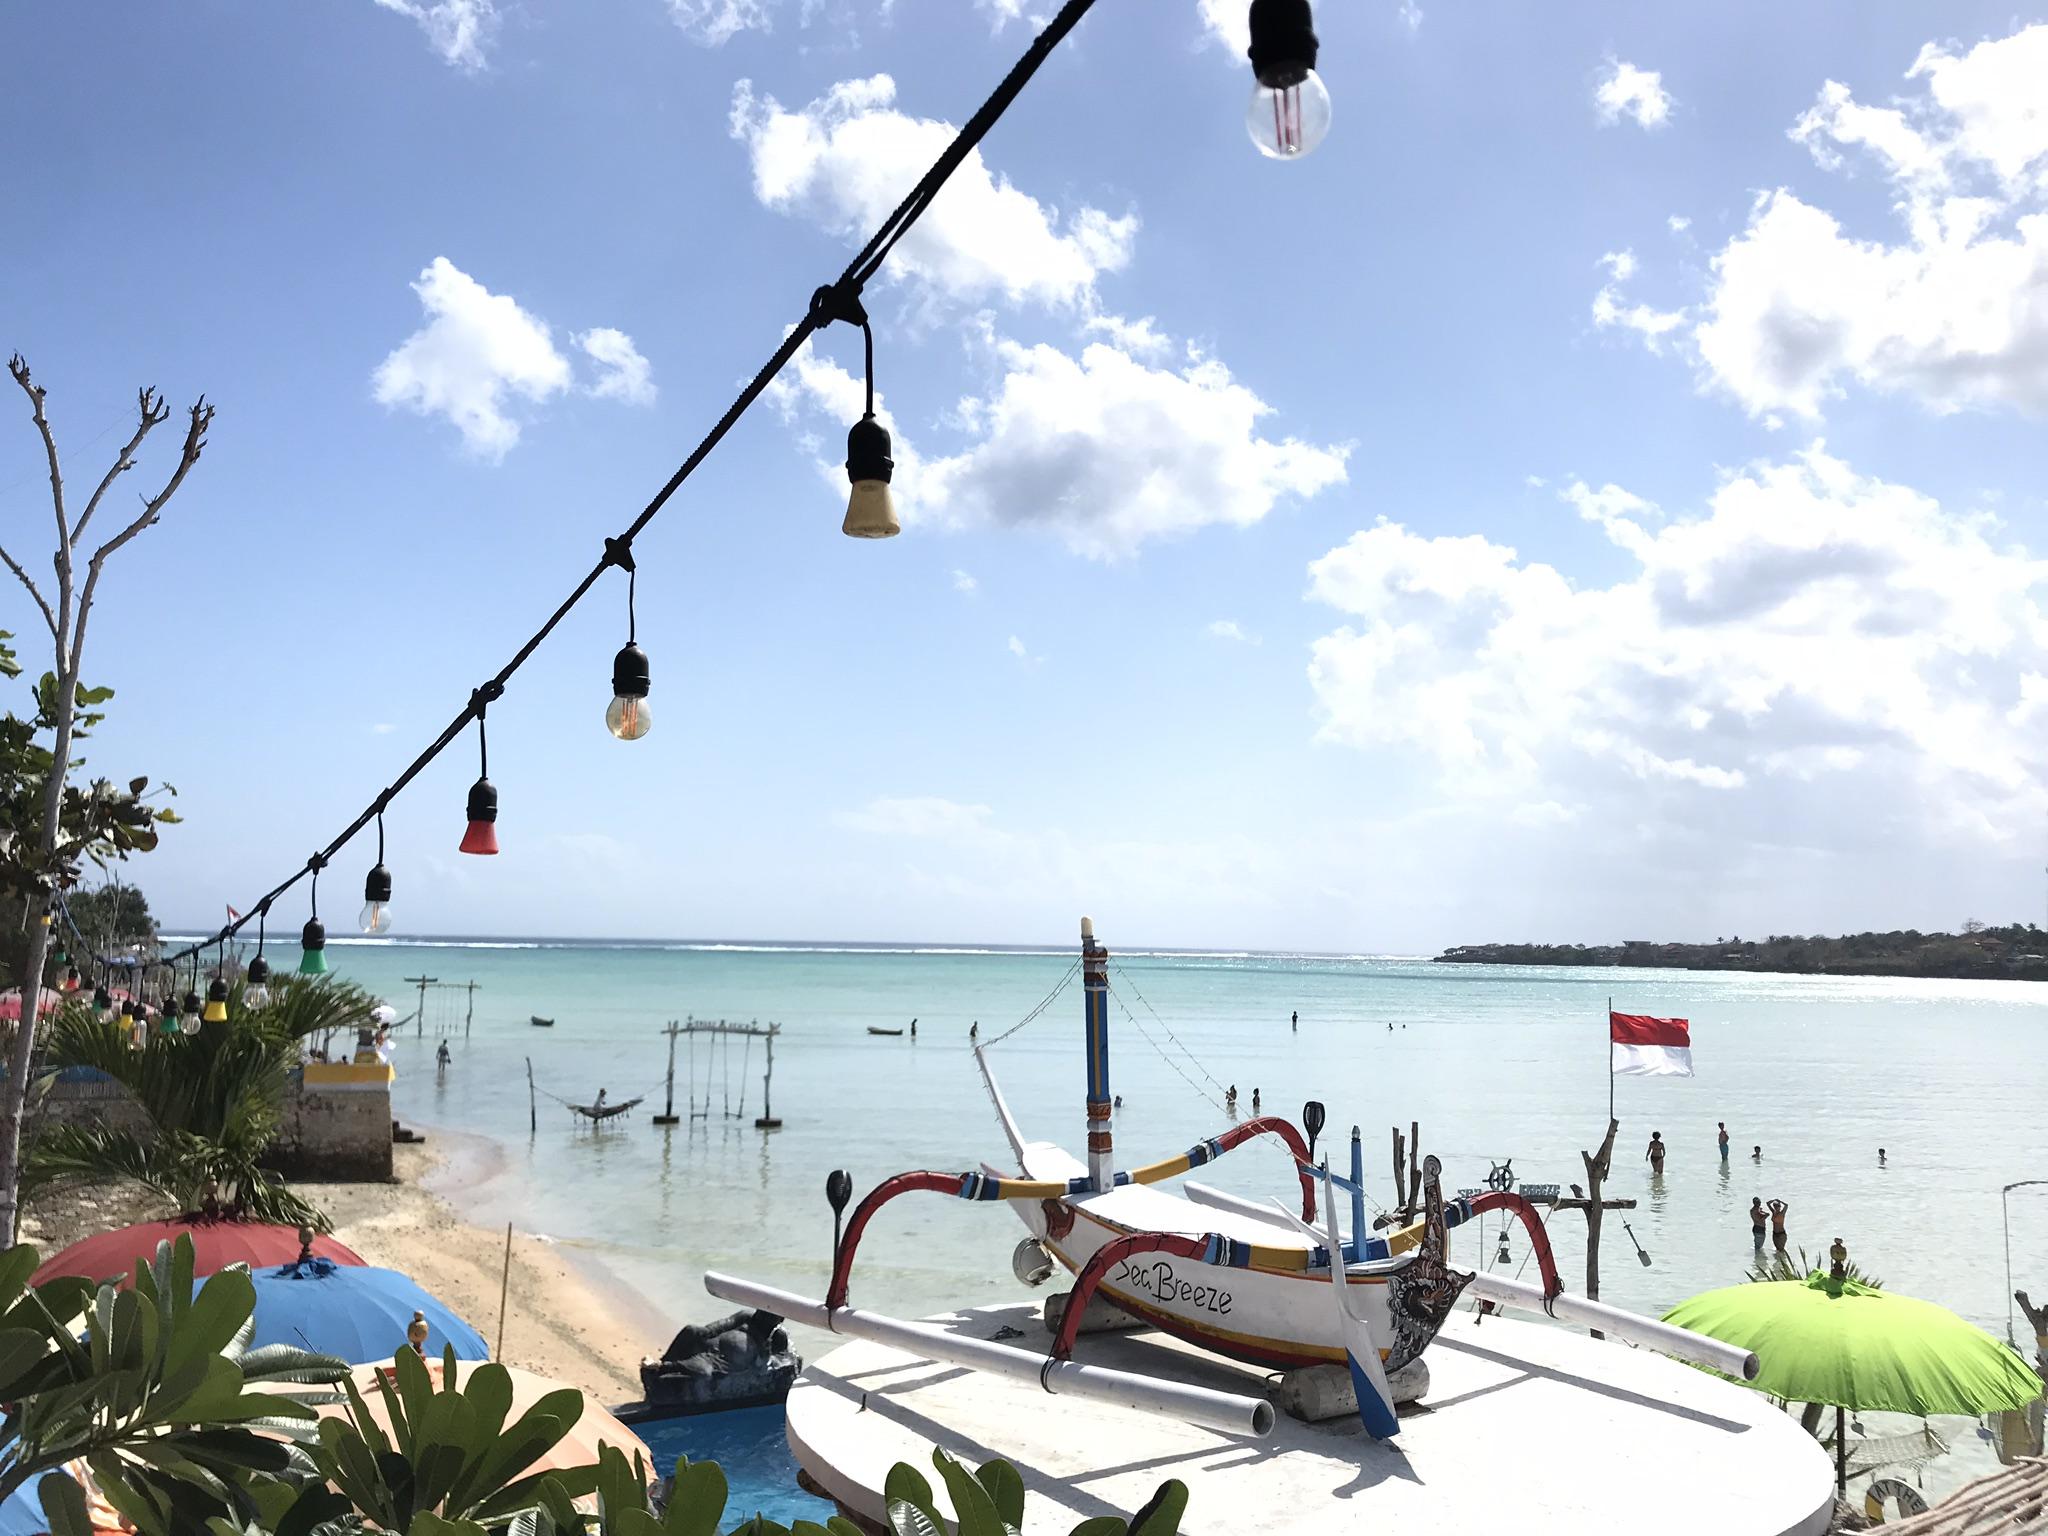 バリ島 アイランドトリップでレンボンガン島、チュニンガン島へ